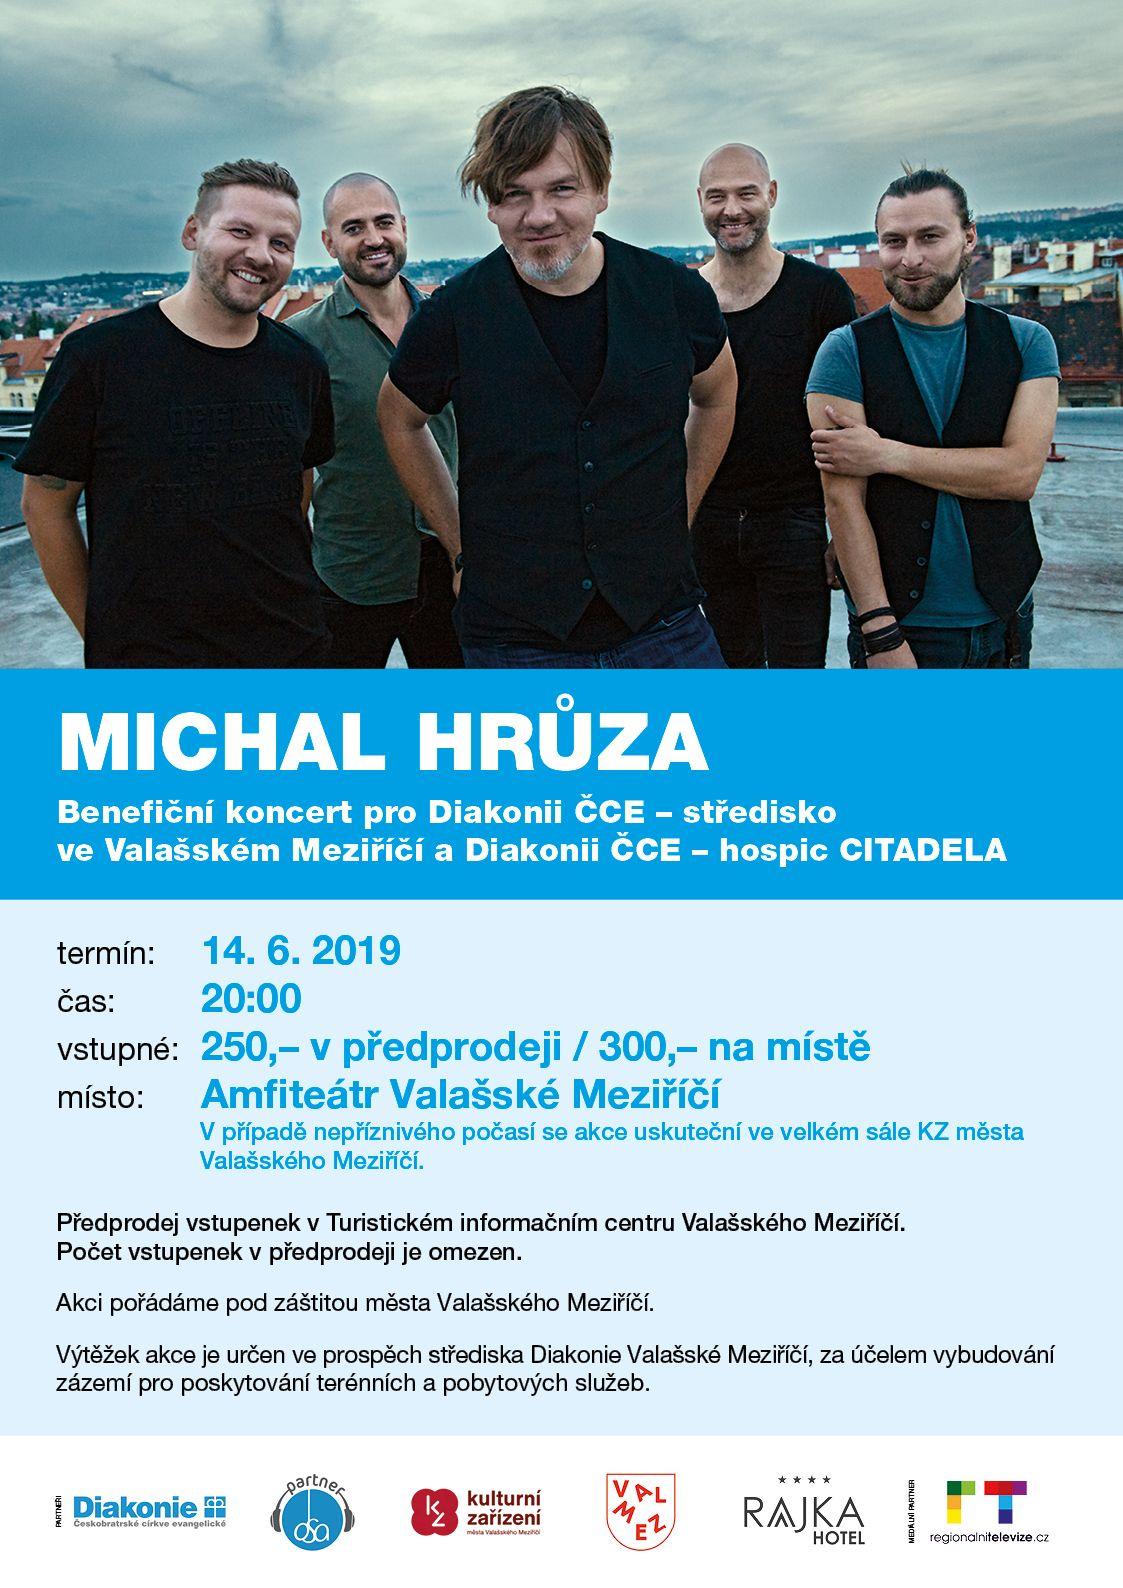 Koncert Michala Hrůzy pro Diakonii